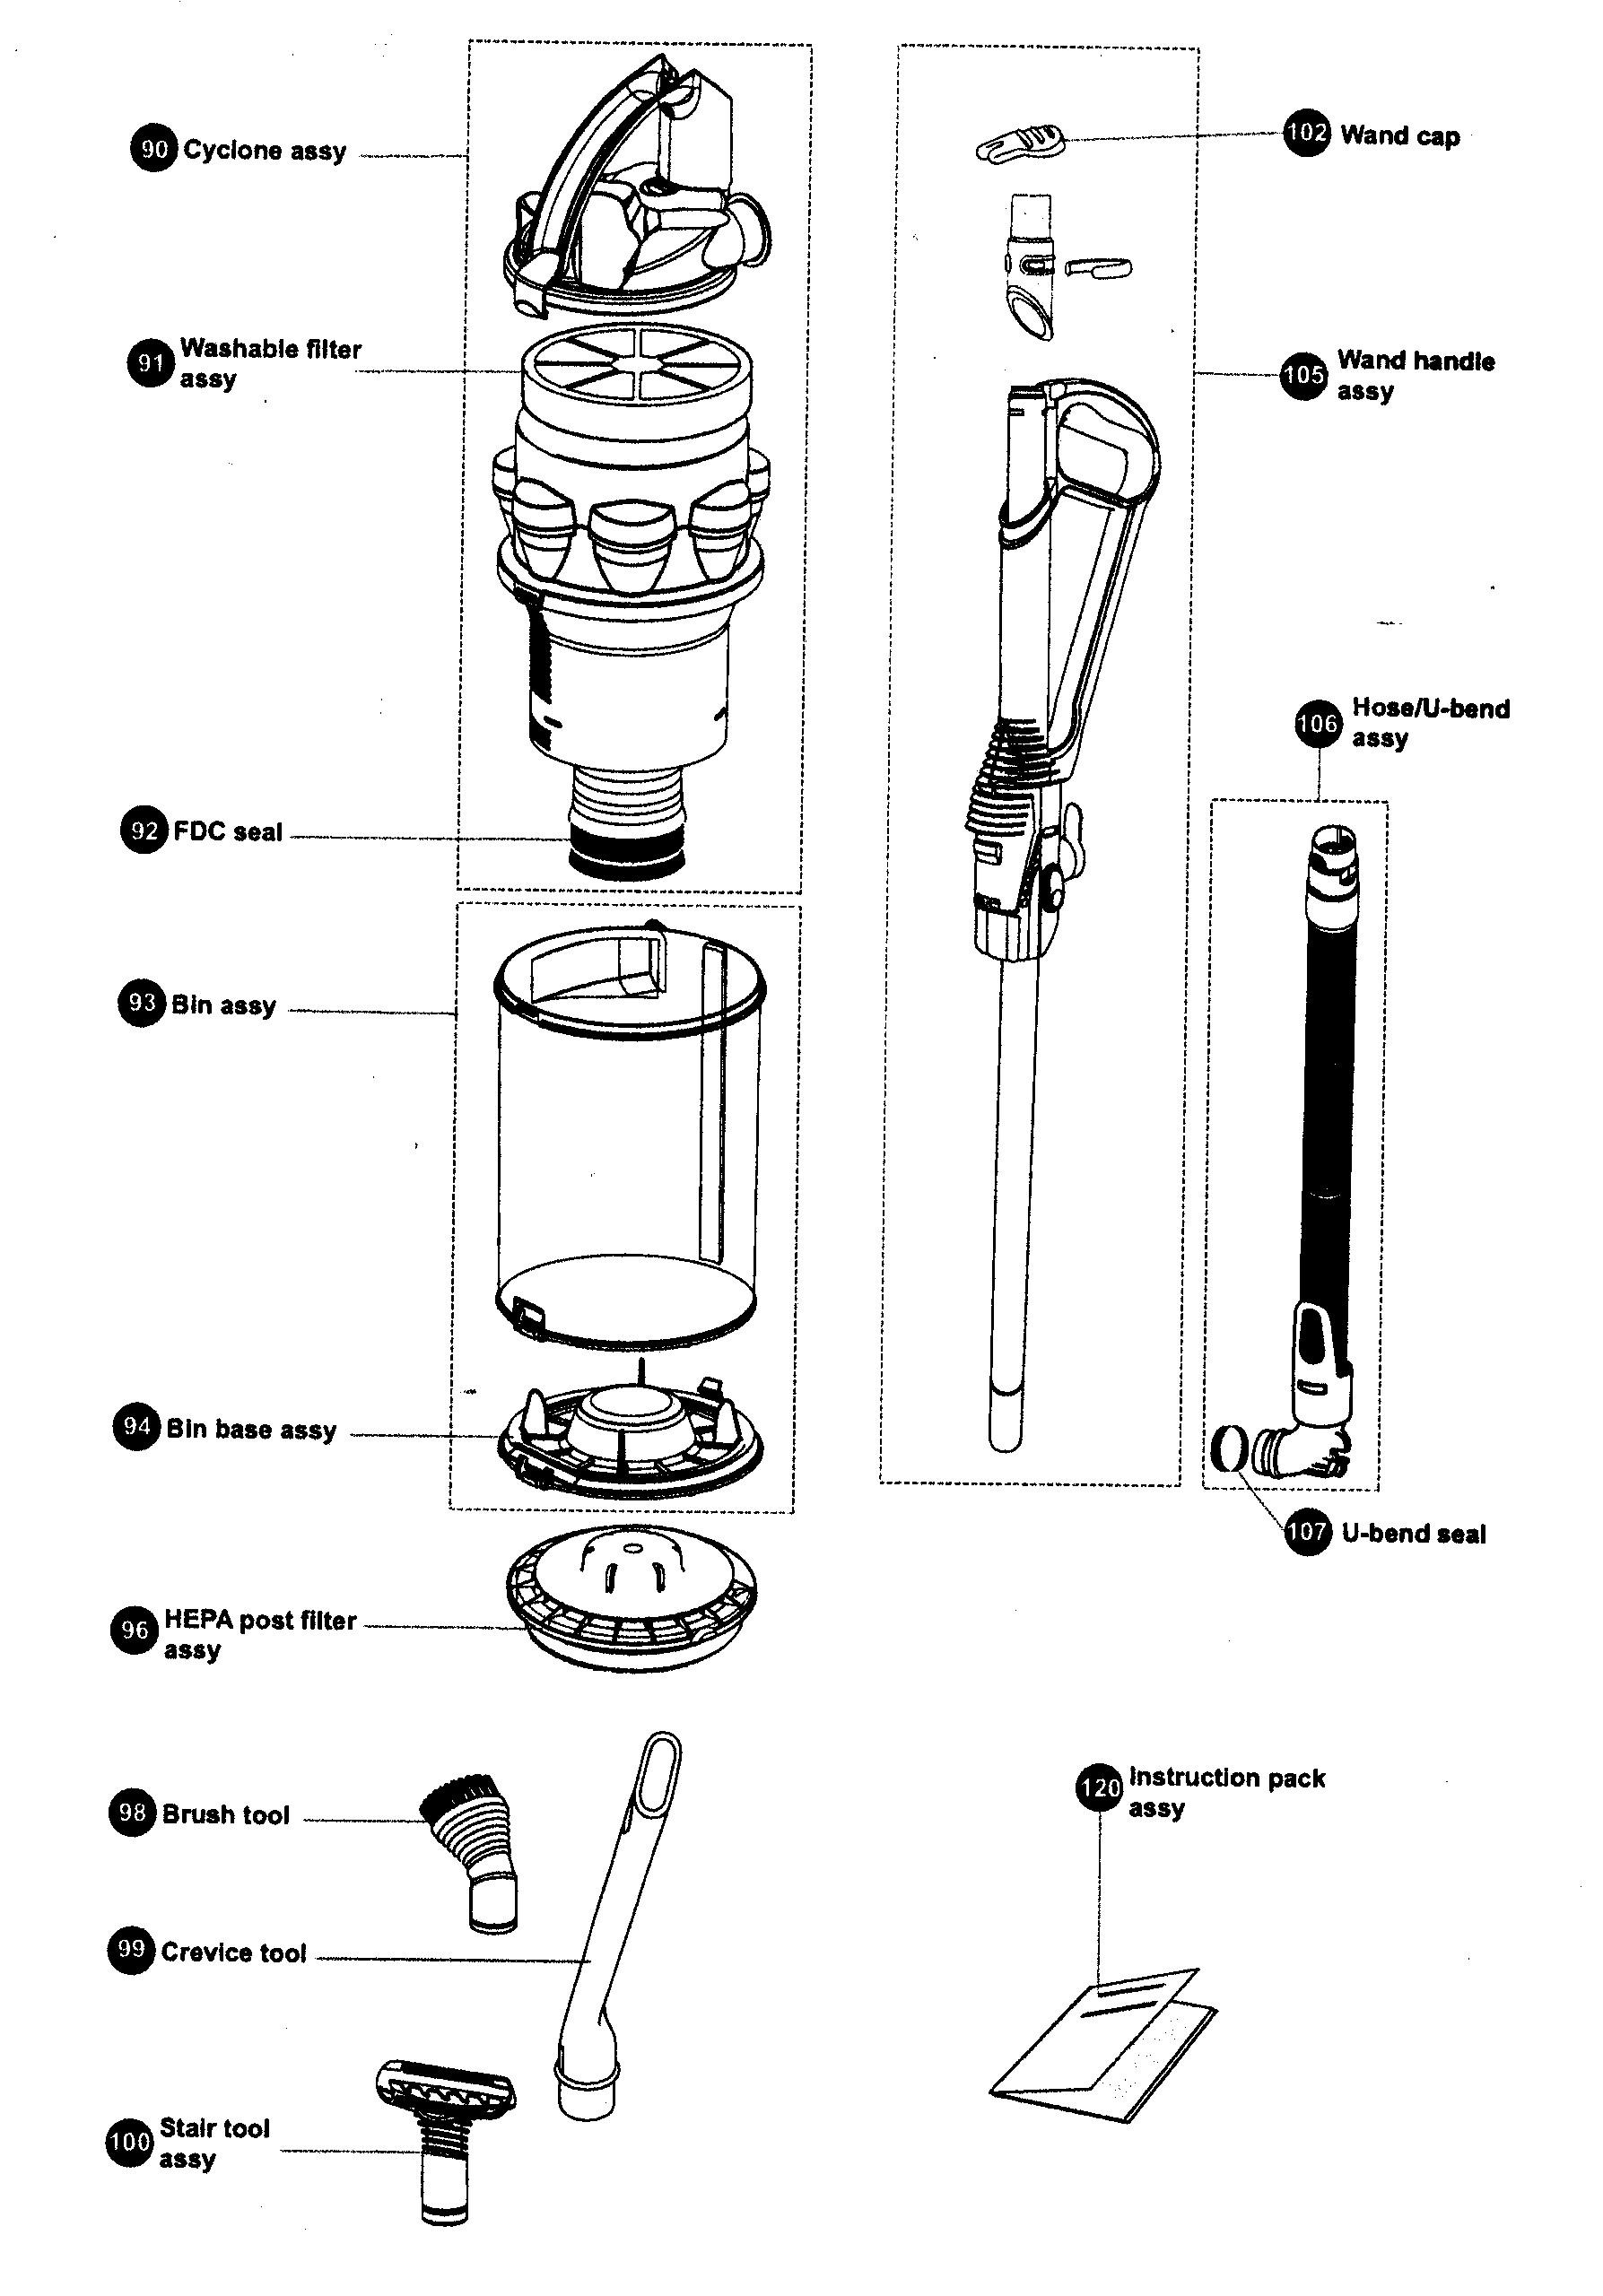 Dyson Dc25 Parts Diagram Dyson Vacuum Diagram Google Search Evolo Pinterest Of Dyson Dc25 Parts Diagram